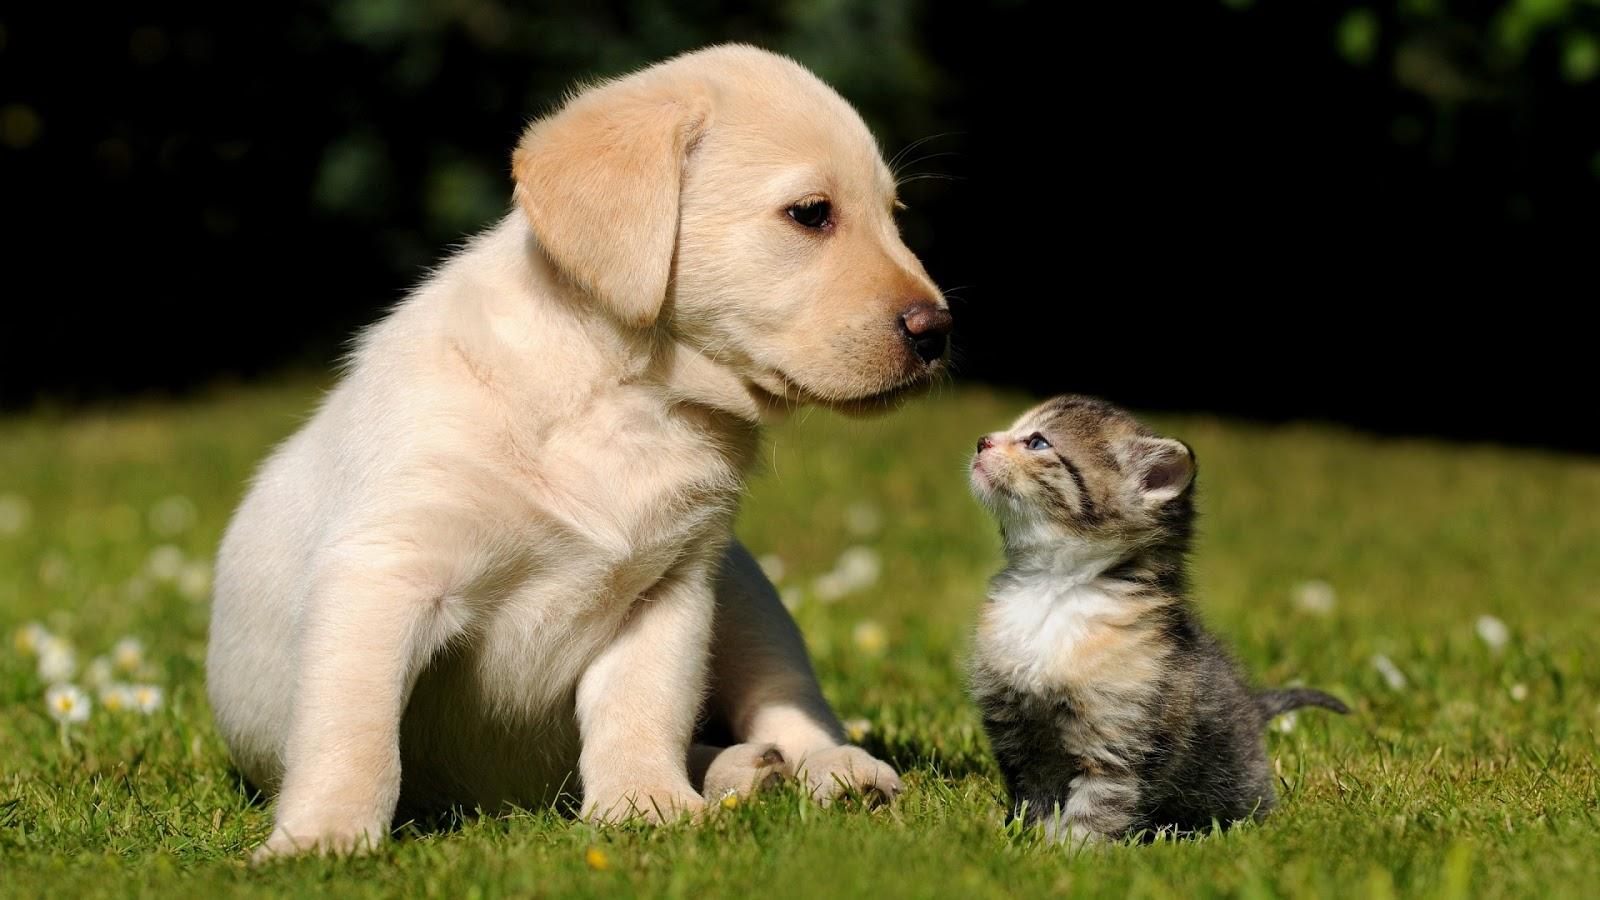 Puppy Looking to Kitten